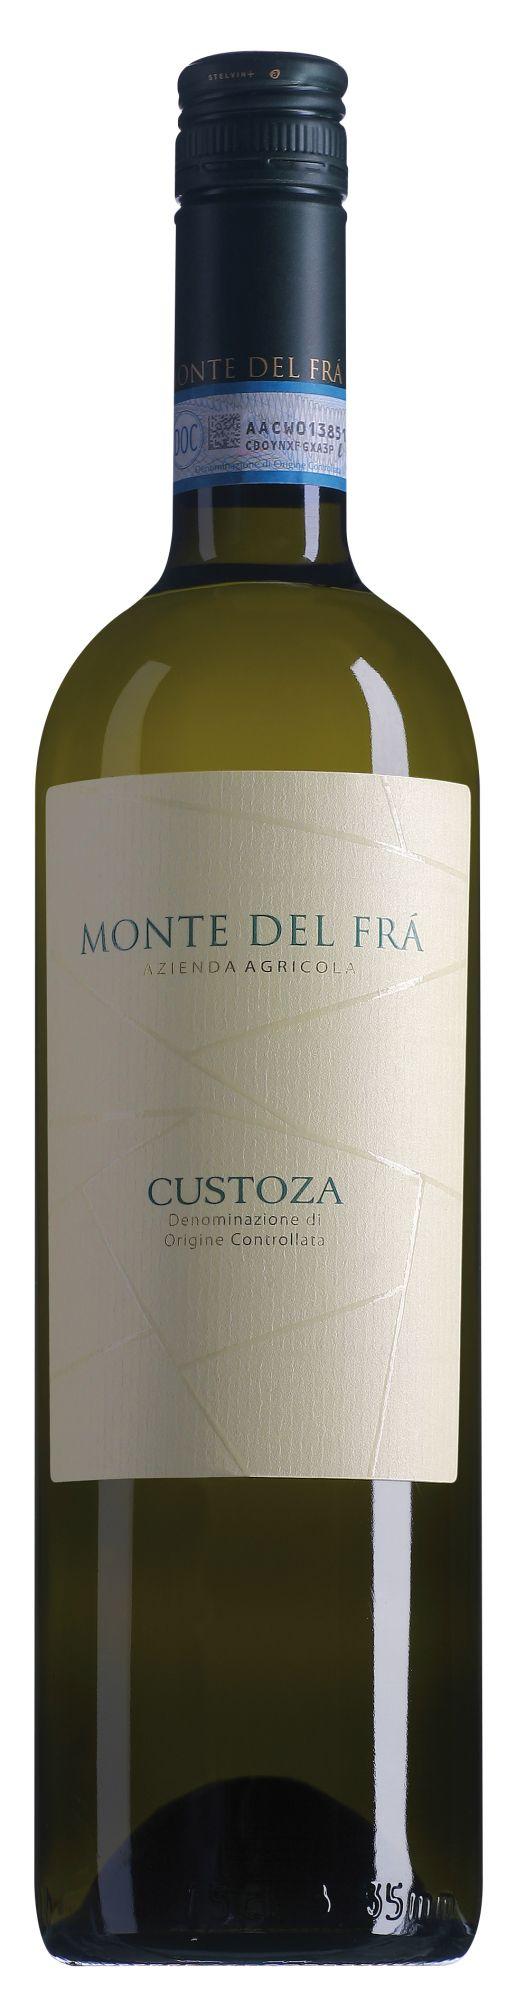 Monte del frá custoza 2015   wijnhandel appeldoorn